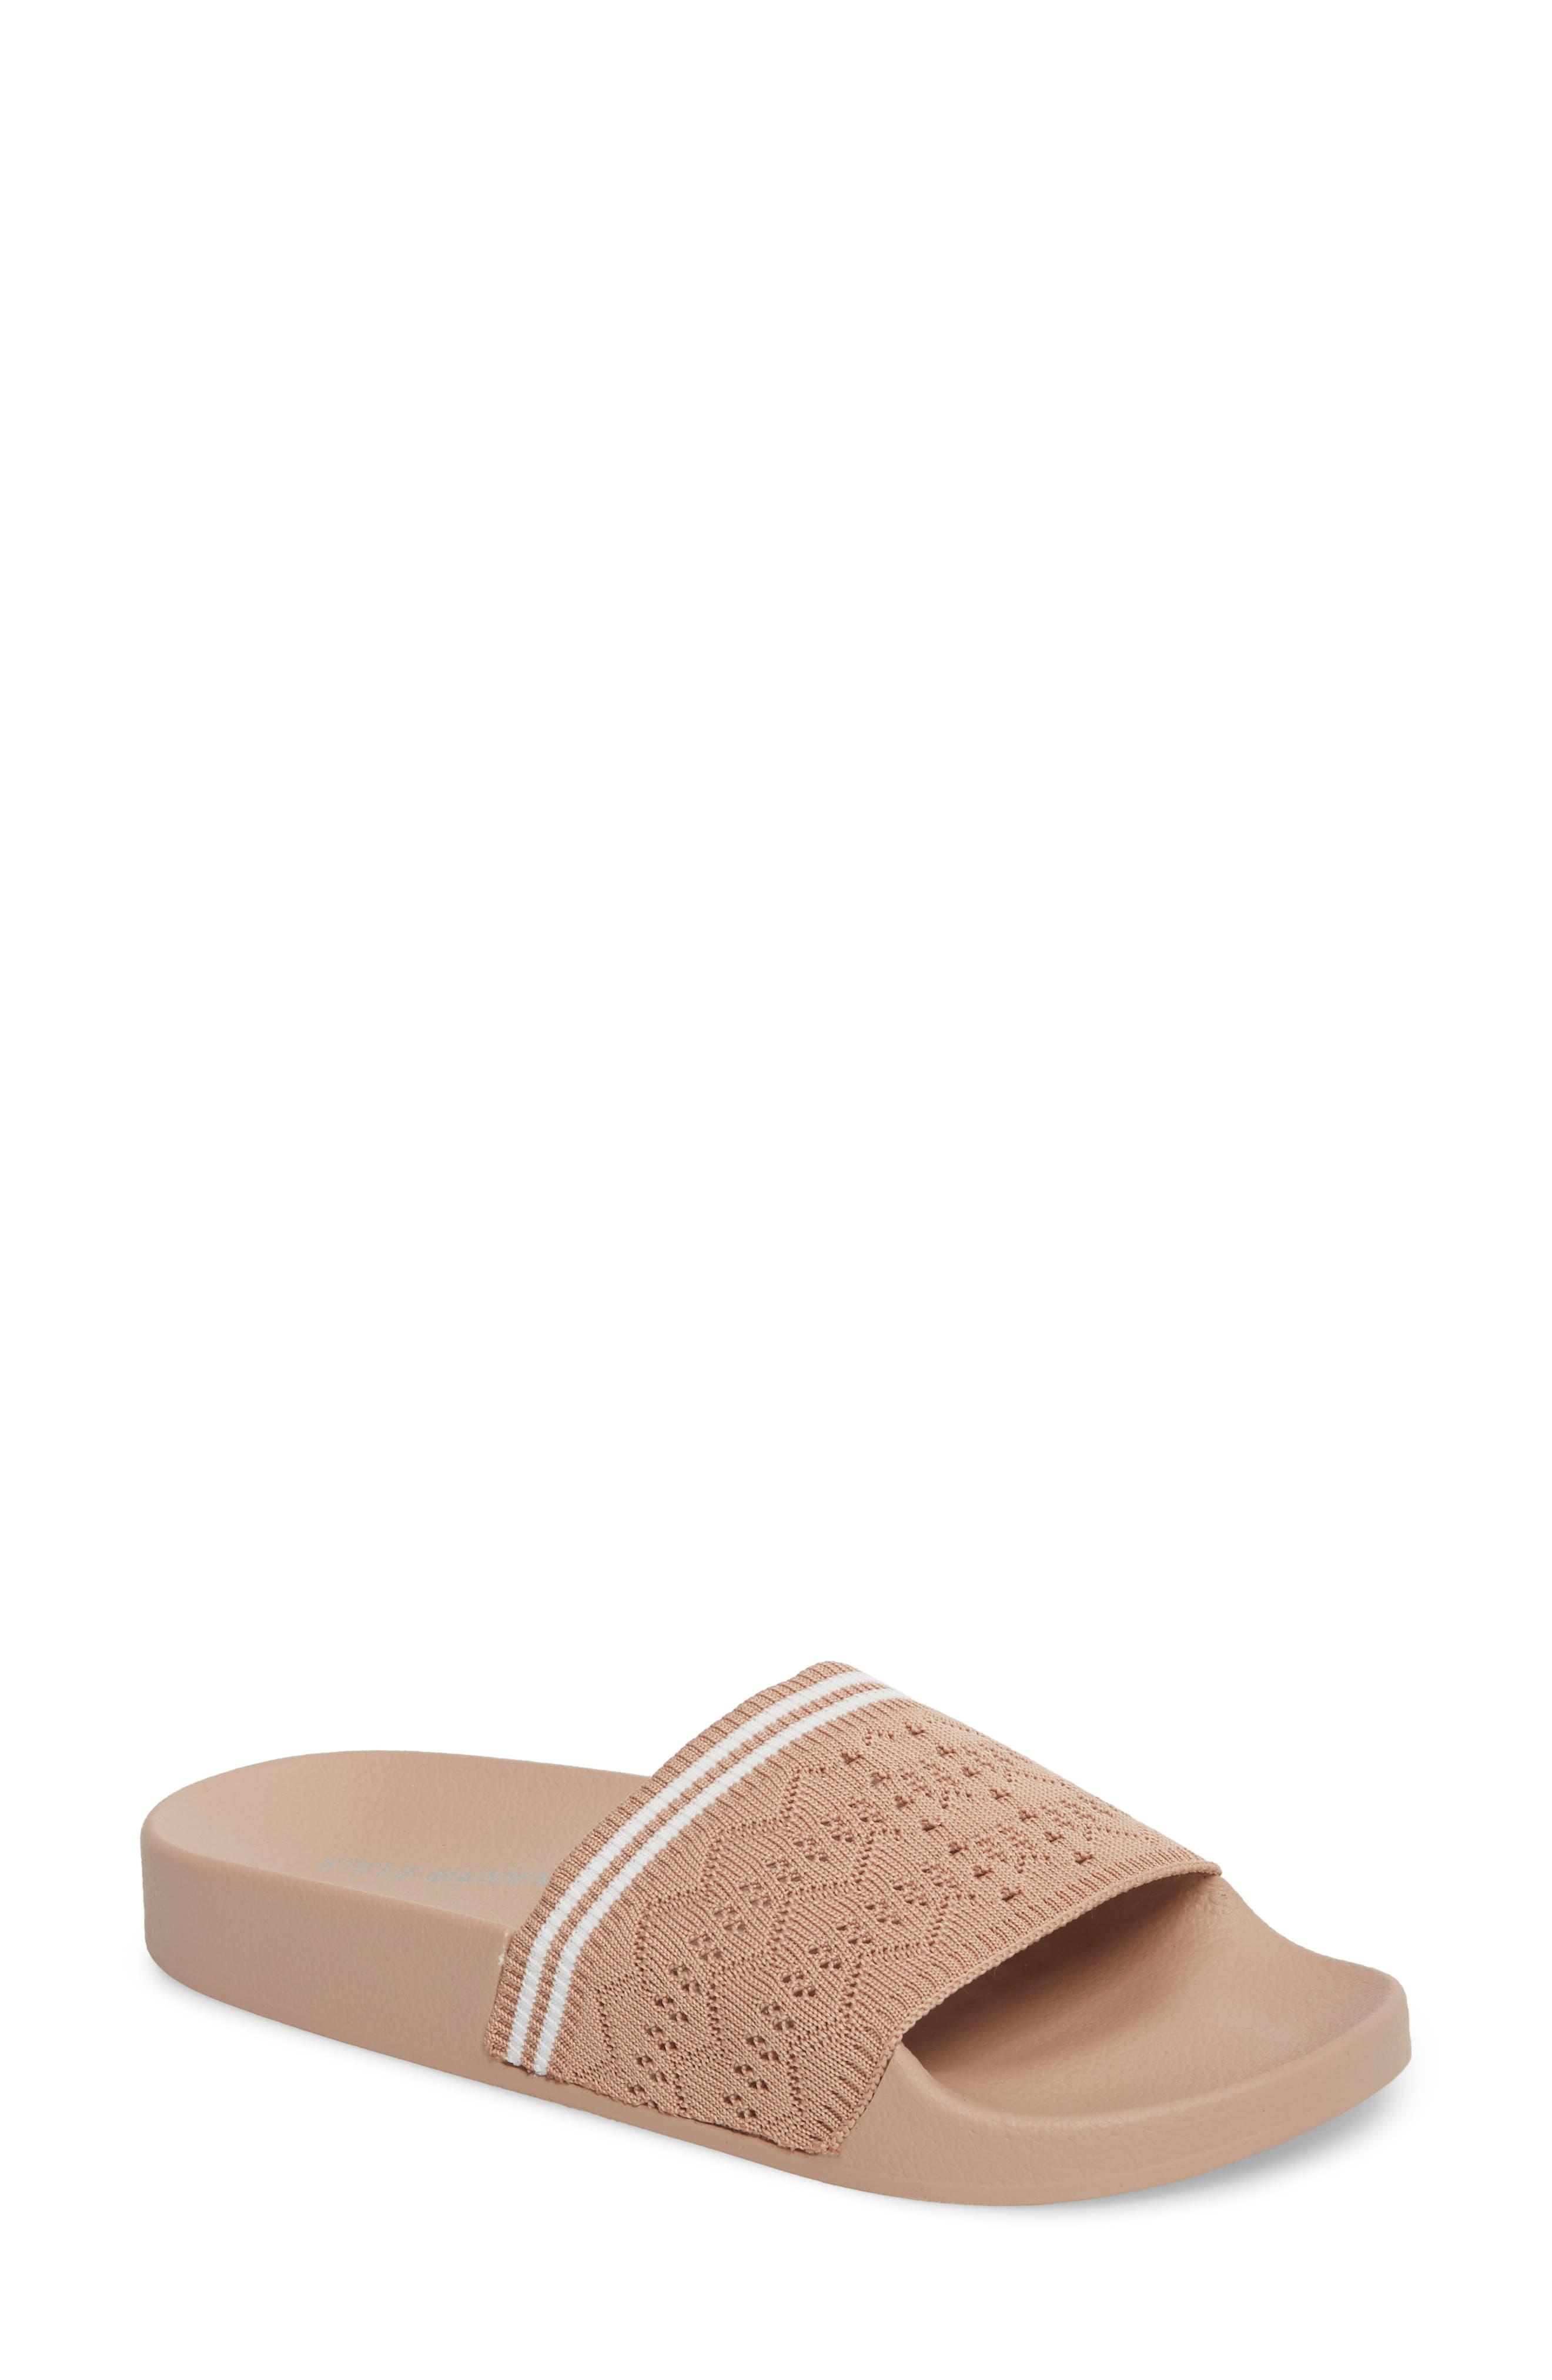 Vibe Sock Knit Slide Sandal,                         Main,                         color, Blush